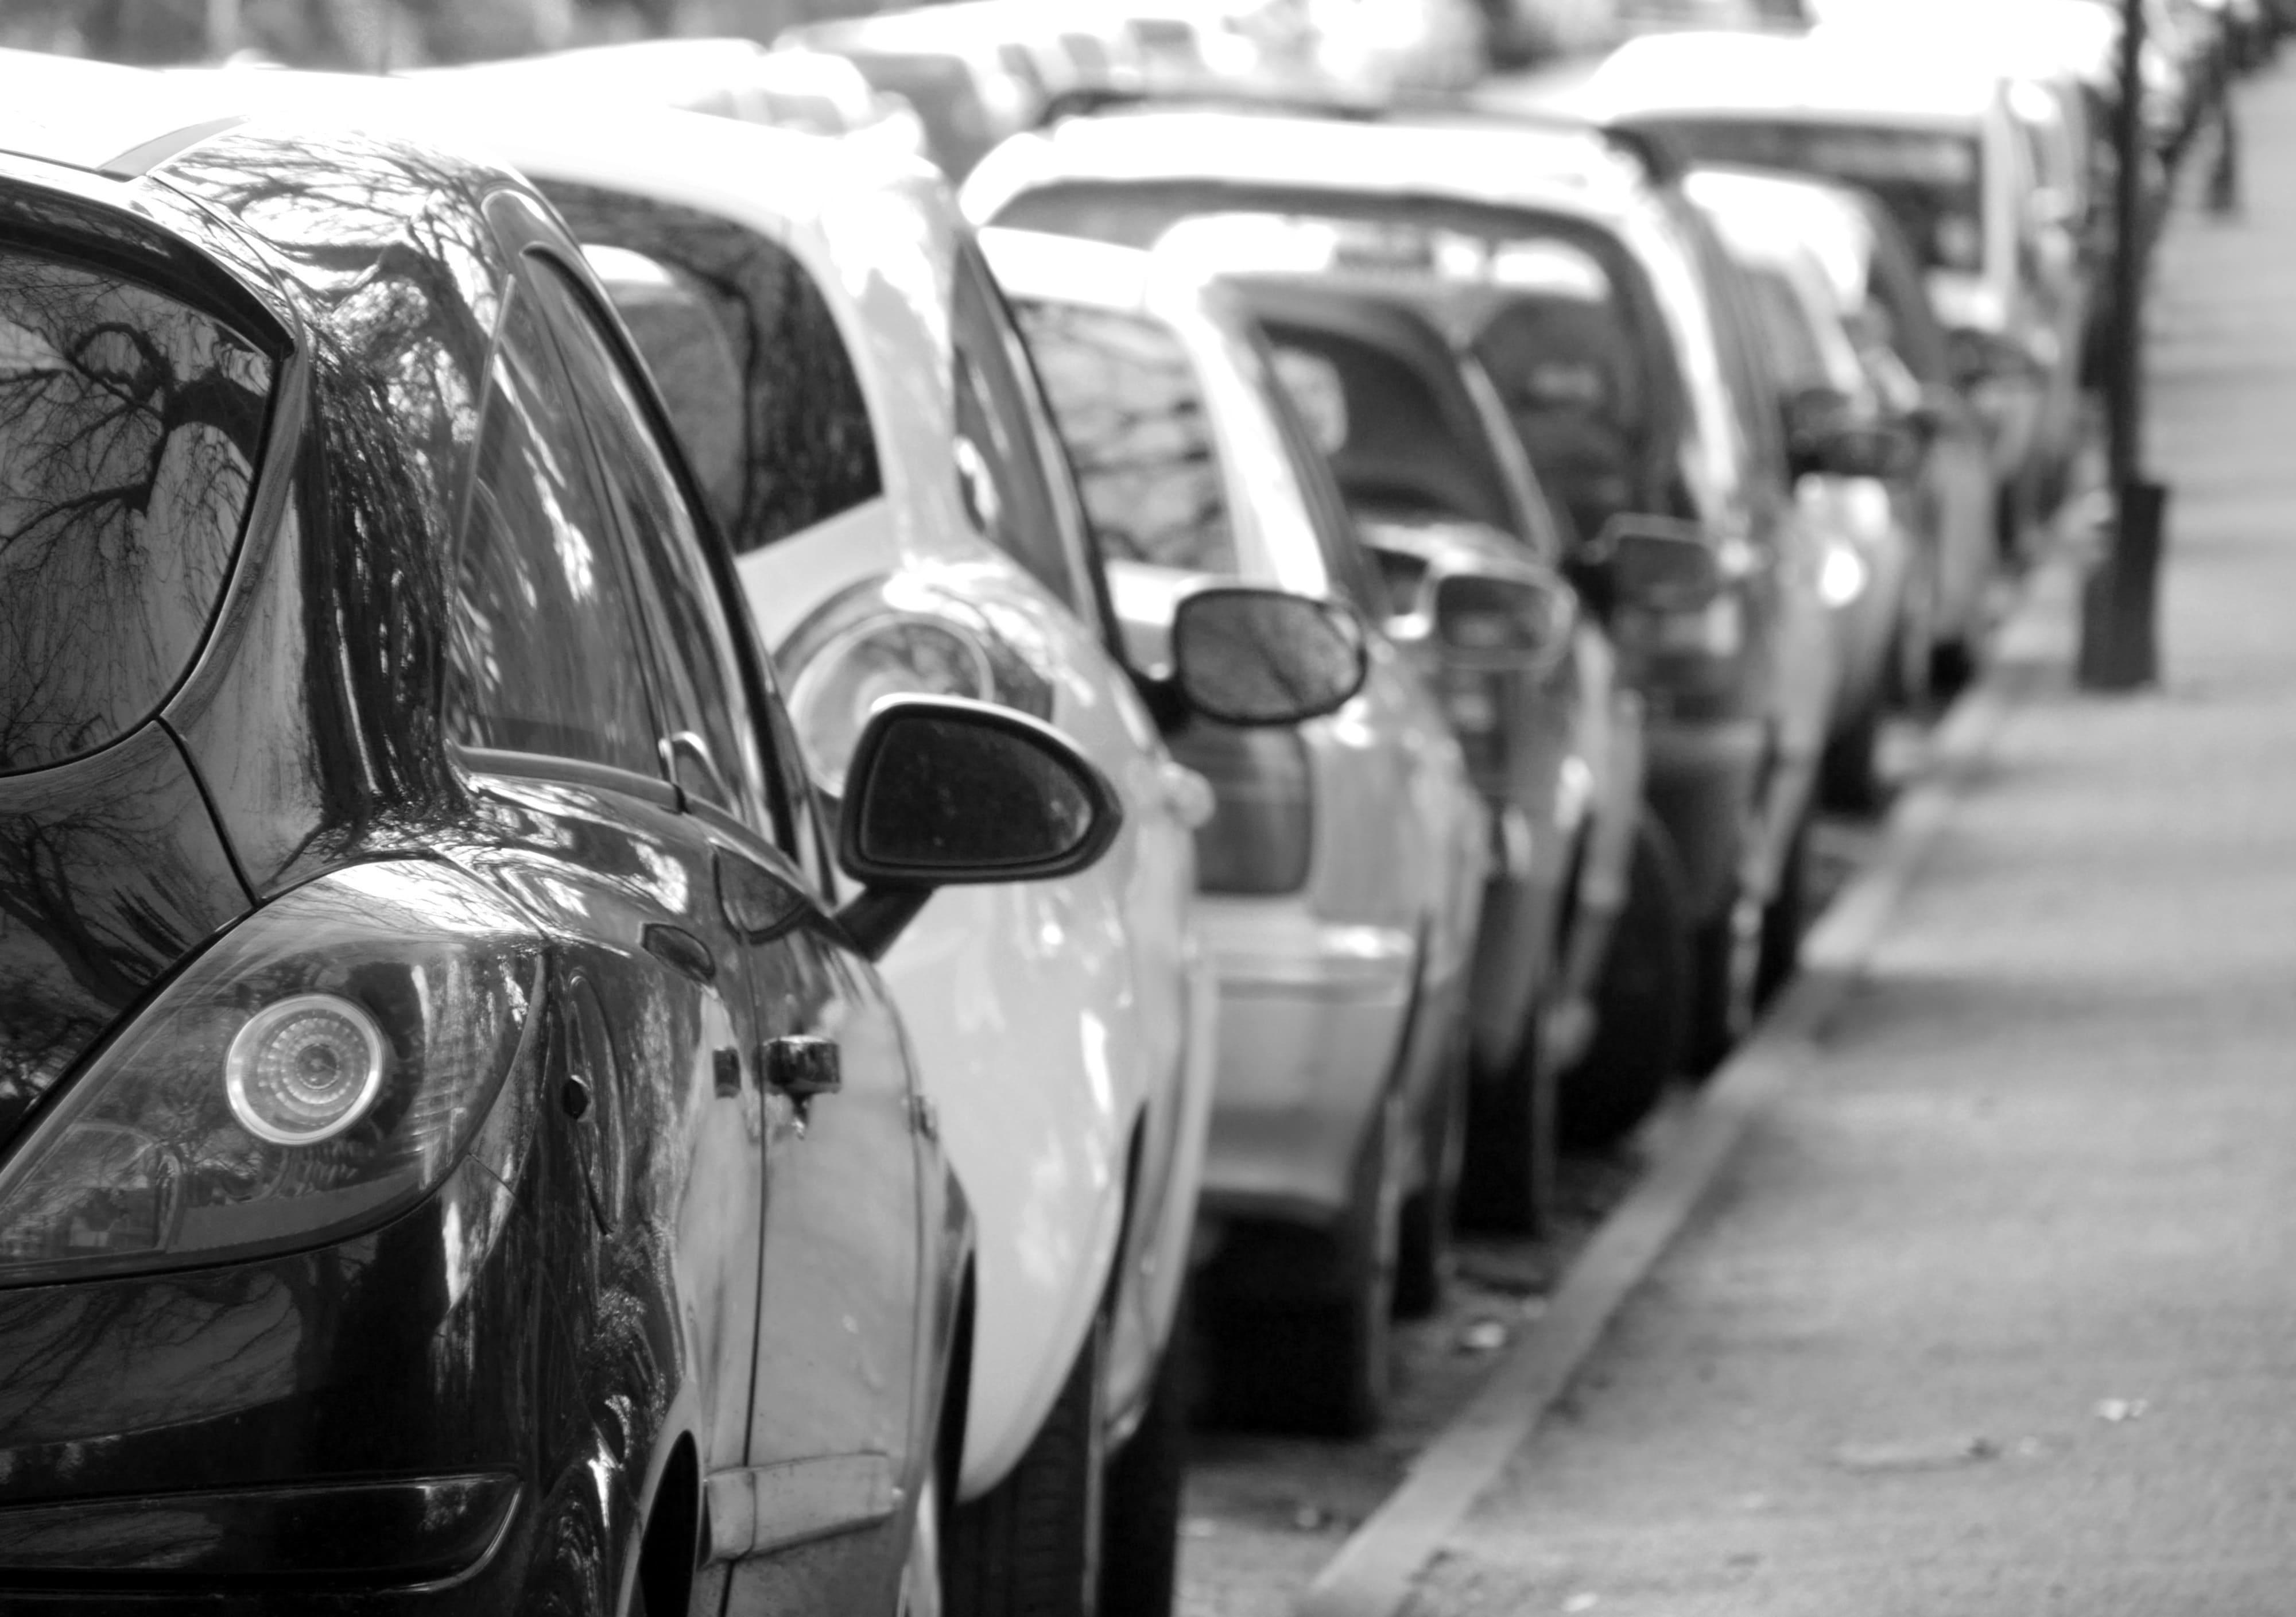 「MRワゴン」の中古車を自社ローンで購入した方の車両価格相場と口コミ(体験談)